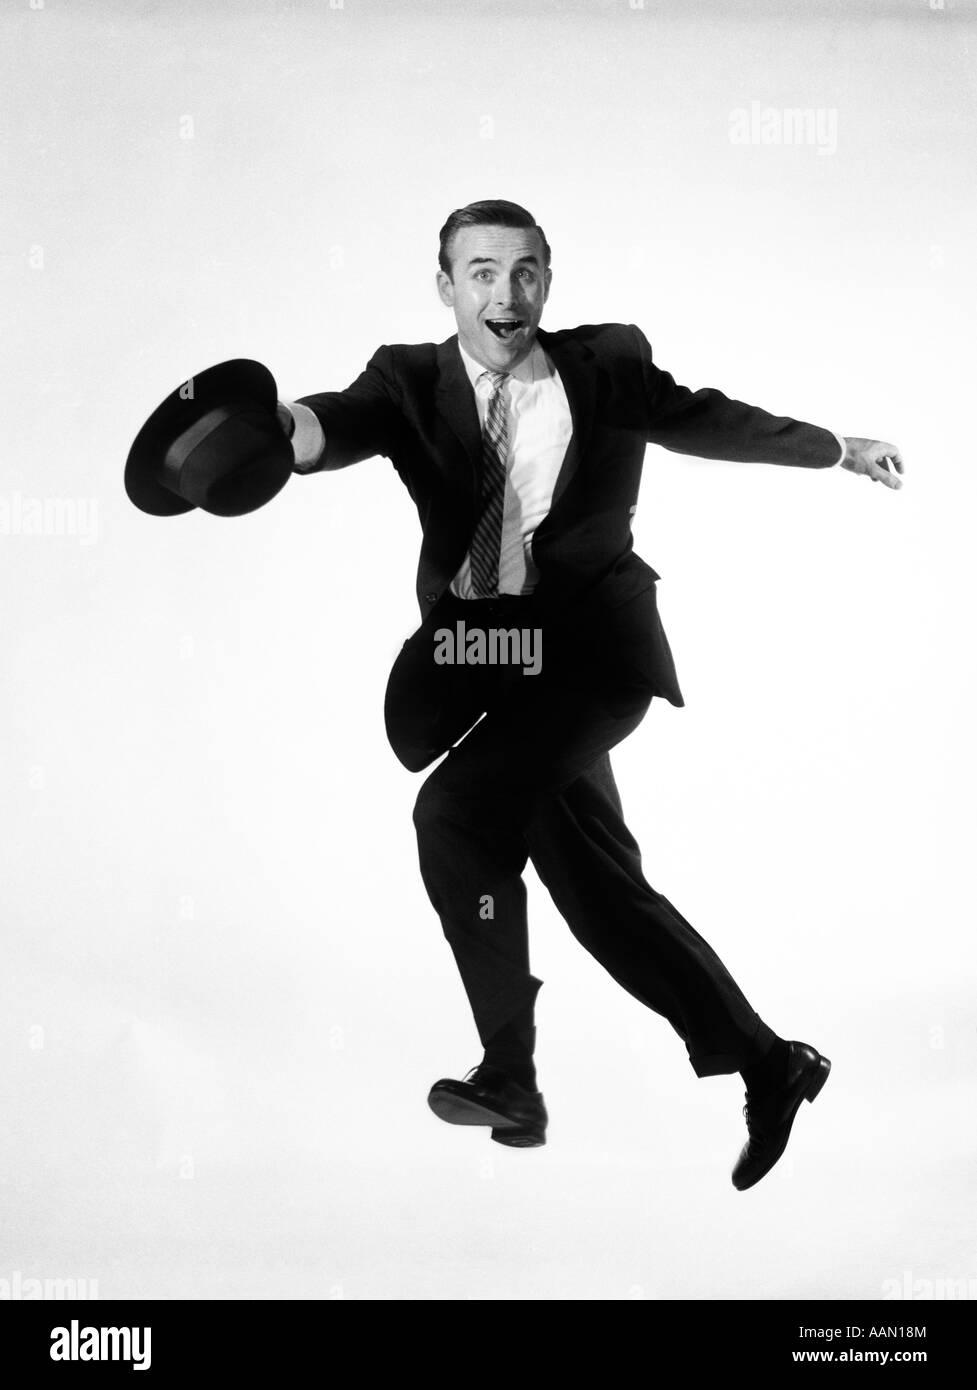 1960 hombre en traje de negocios saltar en el aire mientras se ejecuta el sombrero en la mano GOOFY DIVERTIDA EXPRESIÓN EN SU ROSTRO PRISA VENDEDOR CHIFLADO Foto de stock